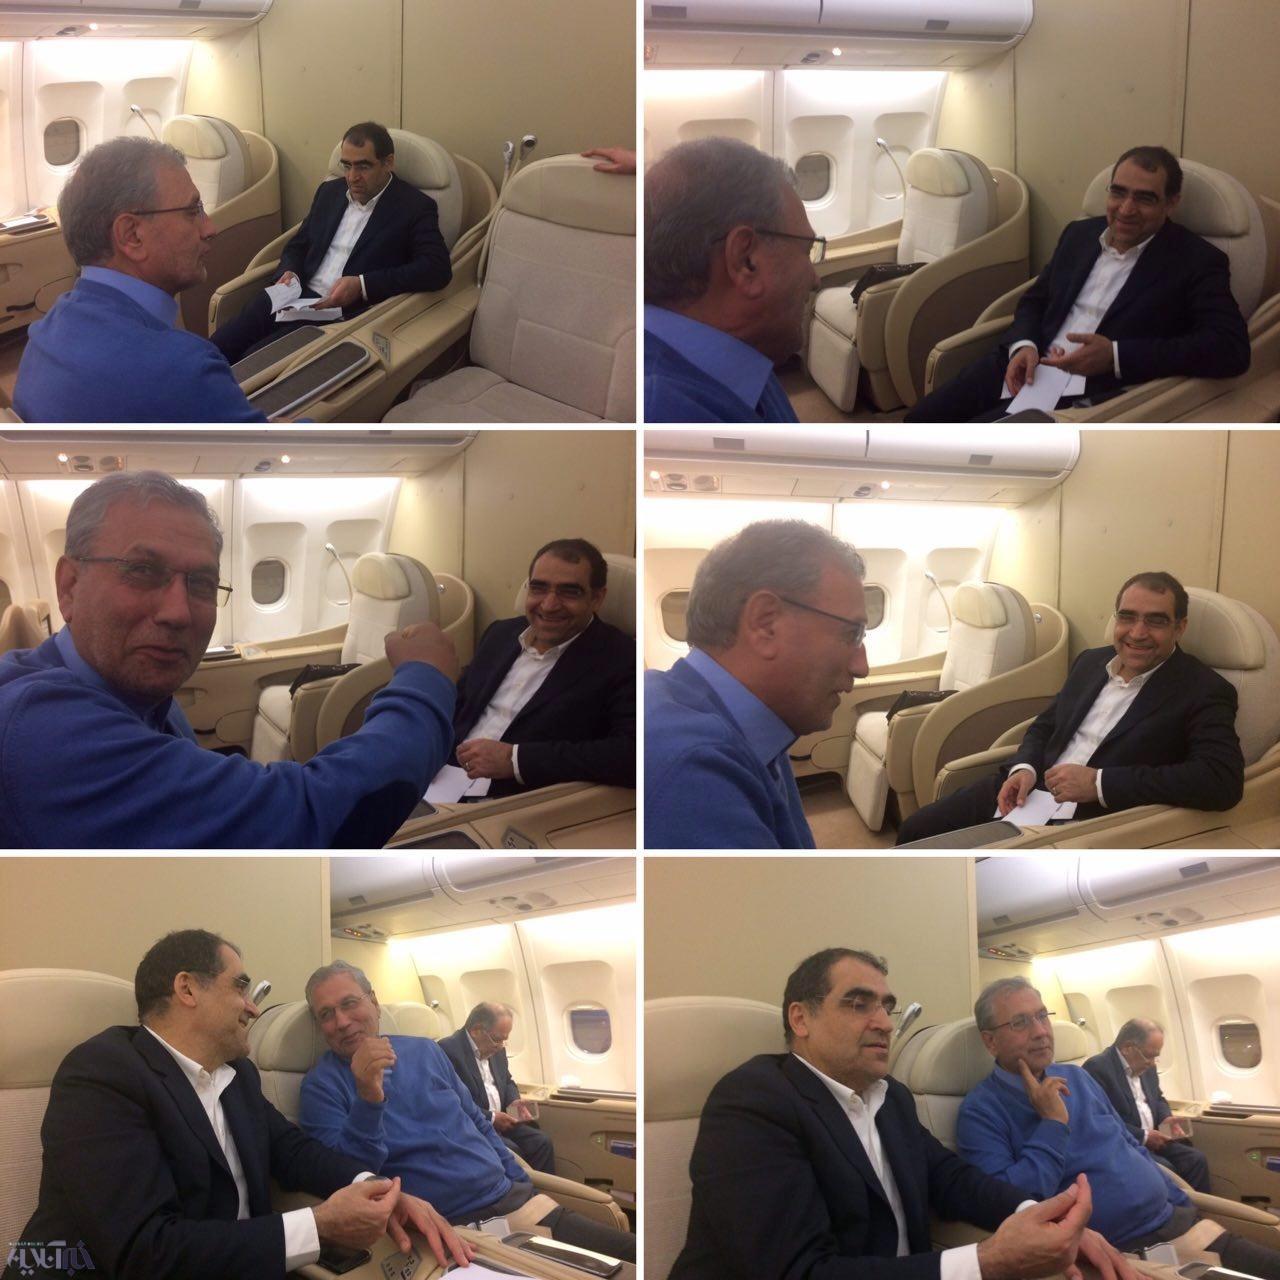 دو نما از حسن روحانی: پایان شائبه اختلاف دو وزیر دولت روحانی پس از پایان سفر به